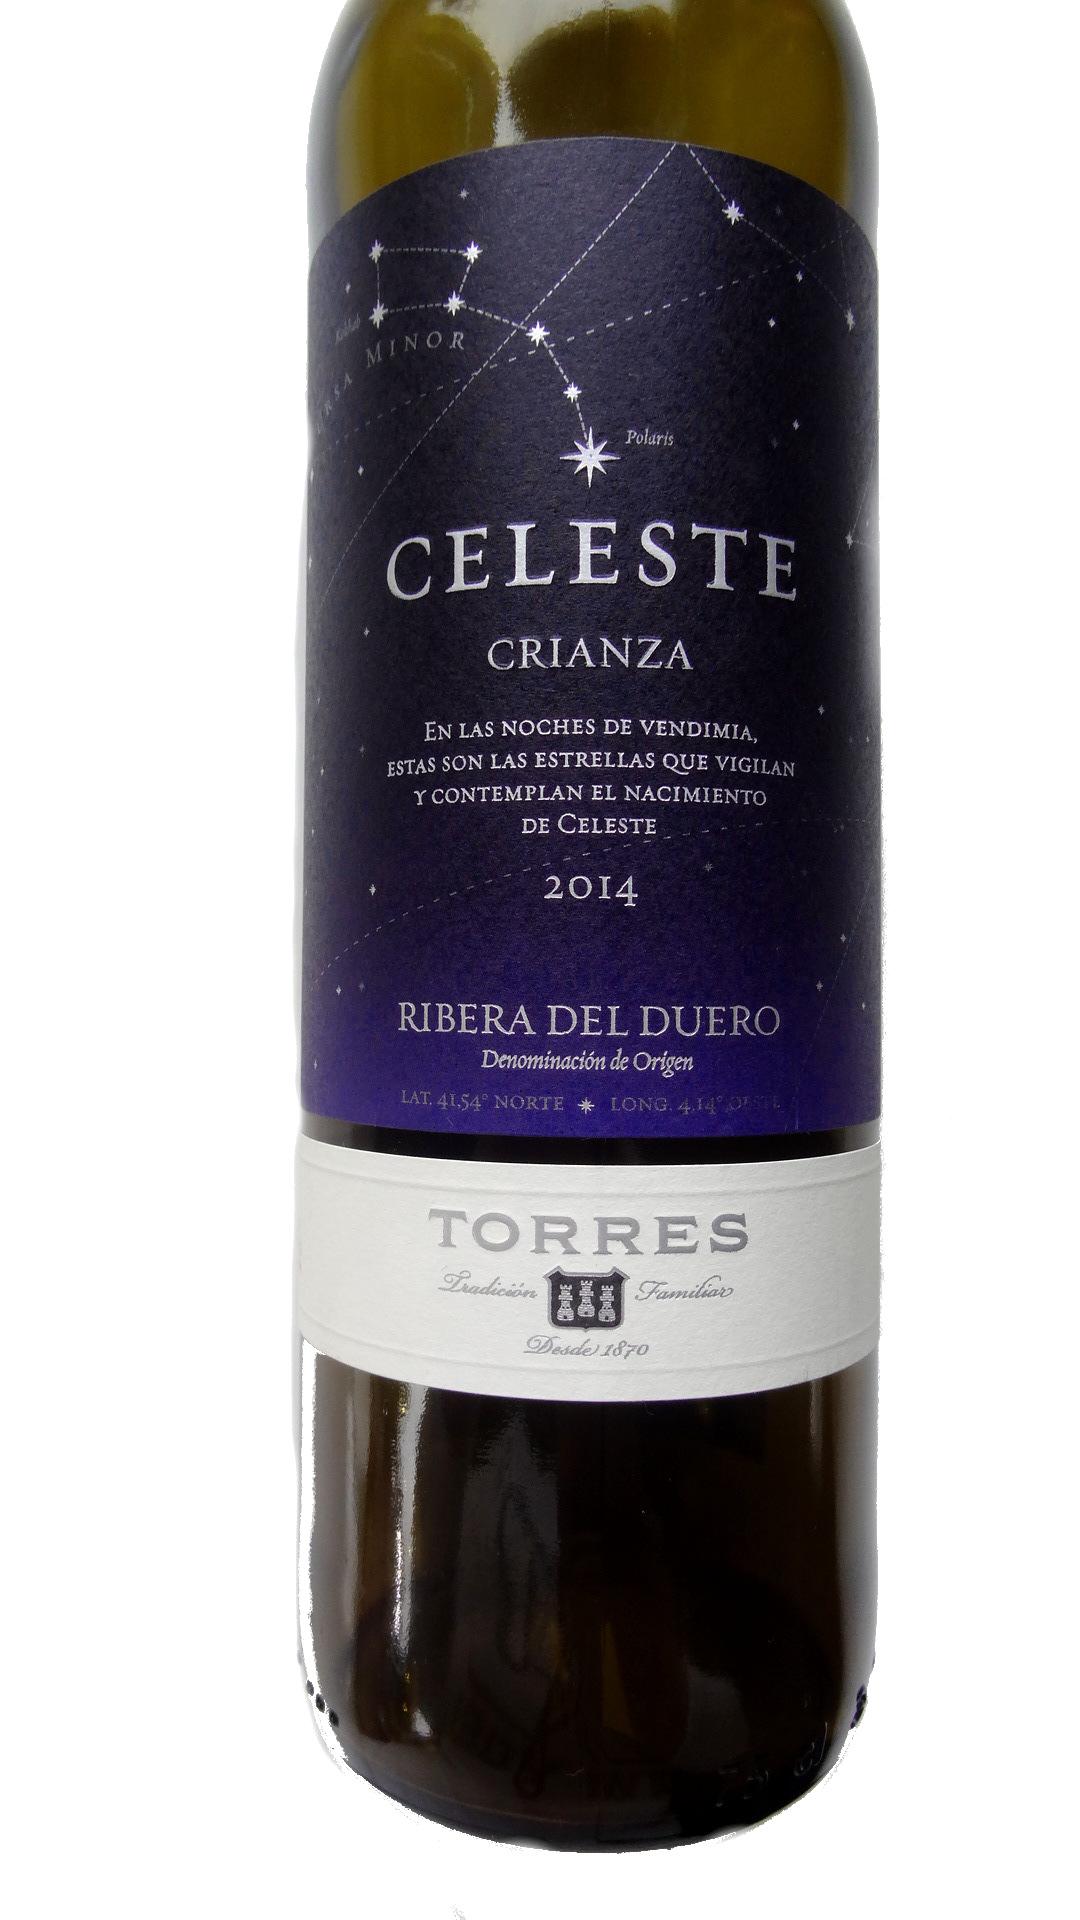 hiszpańskie wino czerwone wytrawne tempranillo celeste crianza torres wine angellovesdreams__